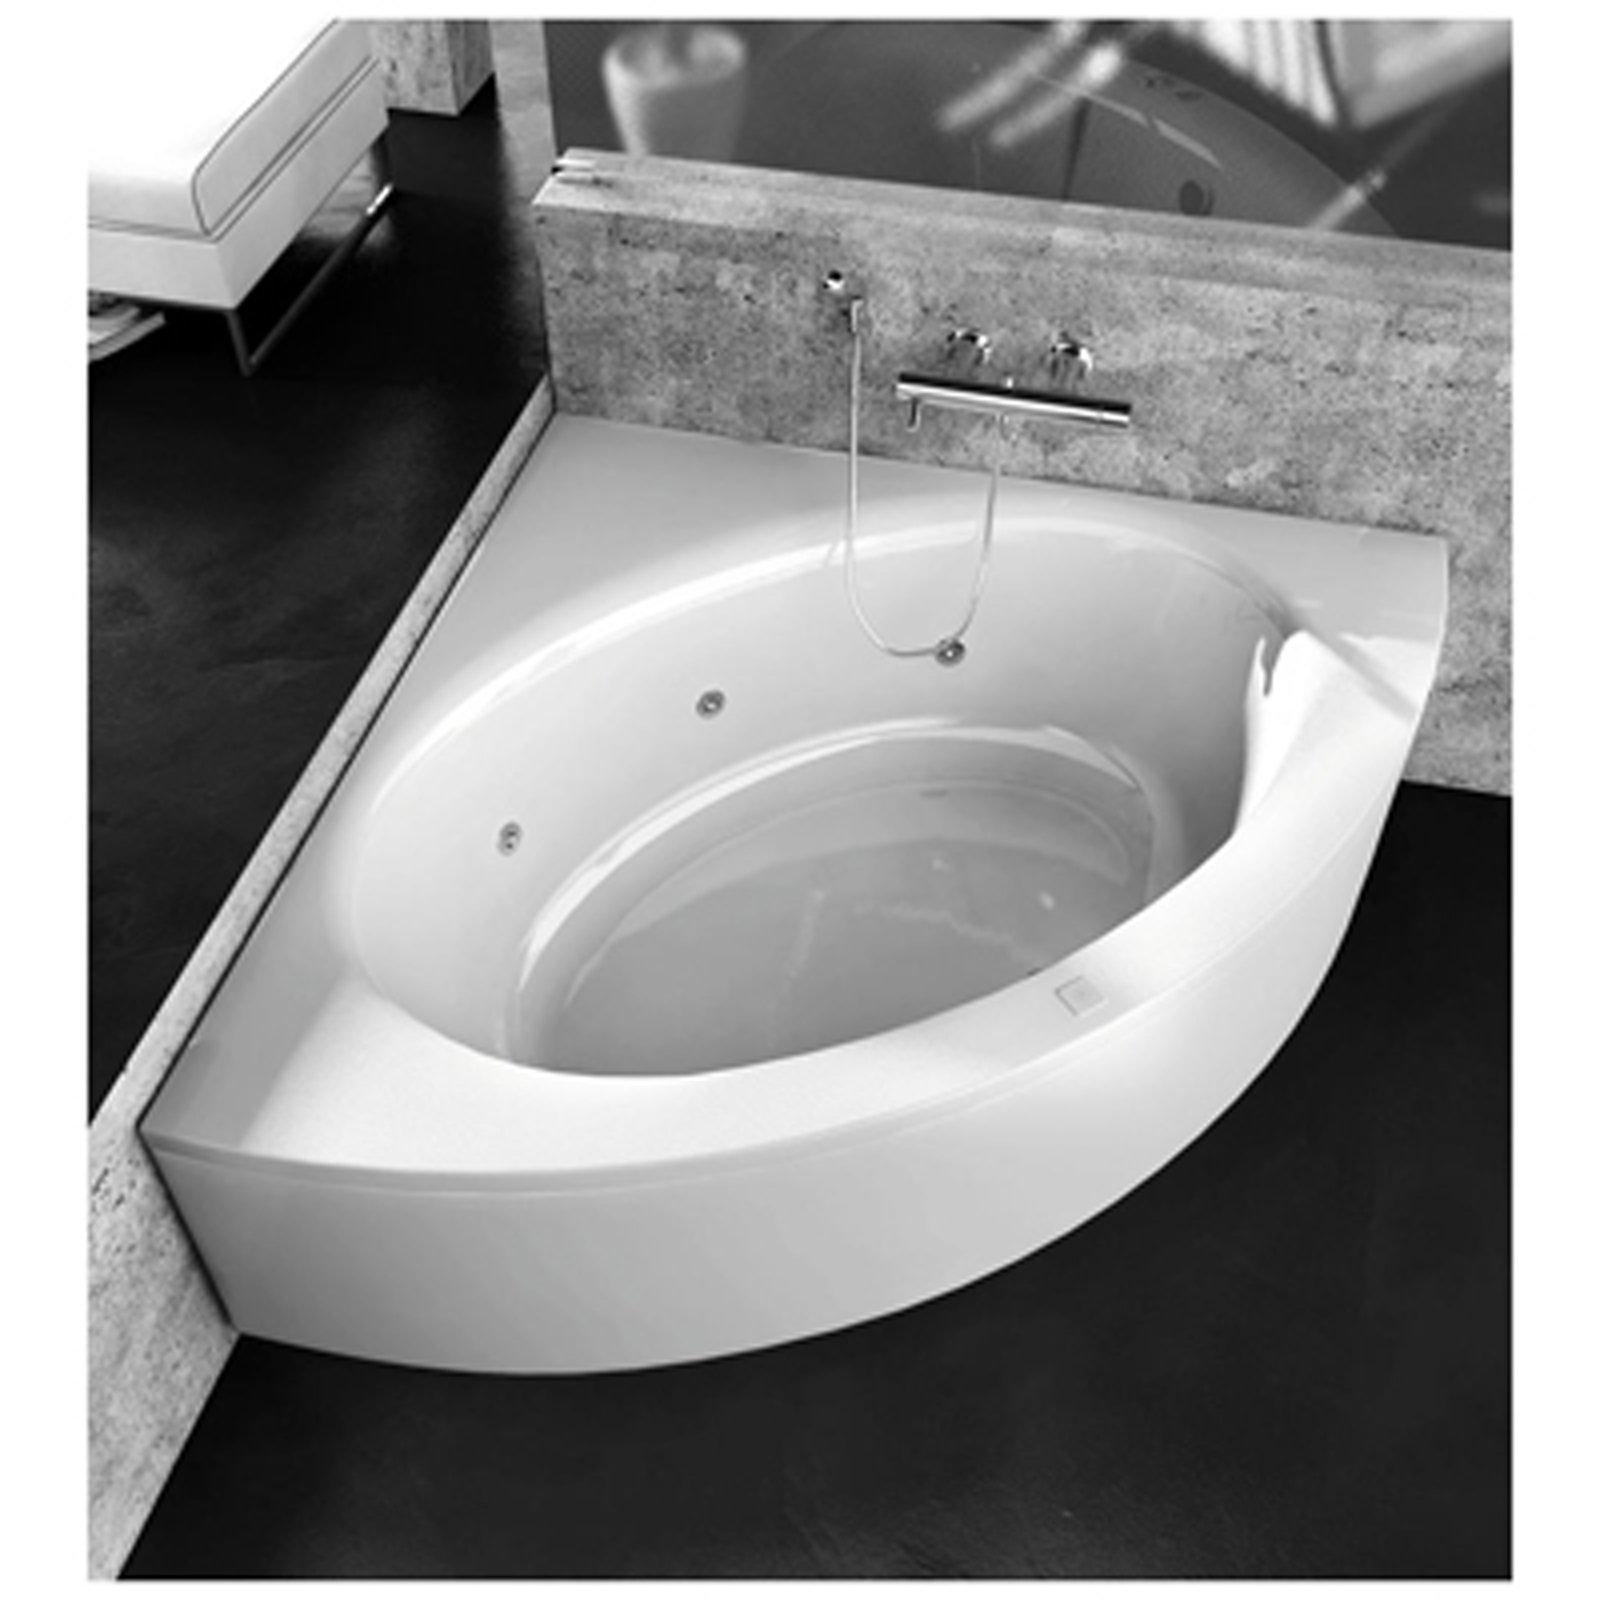 Vasca idromassaggio cosa serve per installarla cose di casa for Vasca da bagno prezzi ideal standard